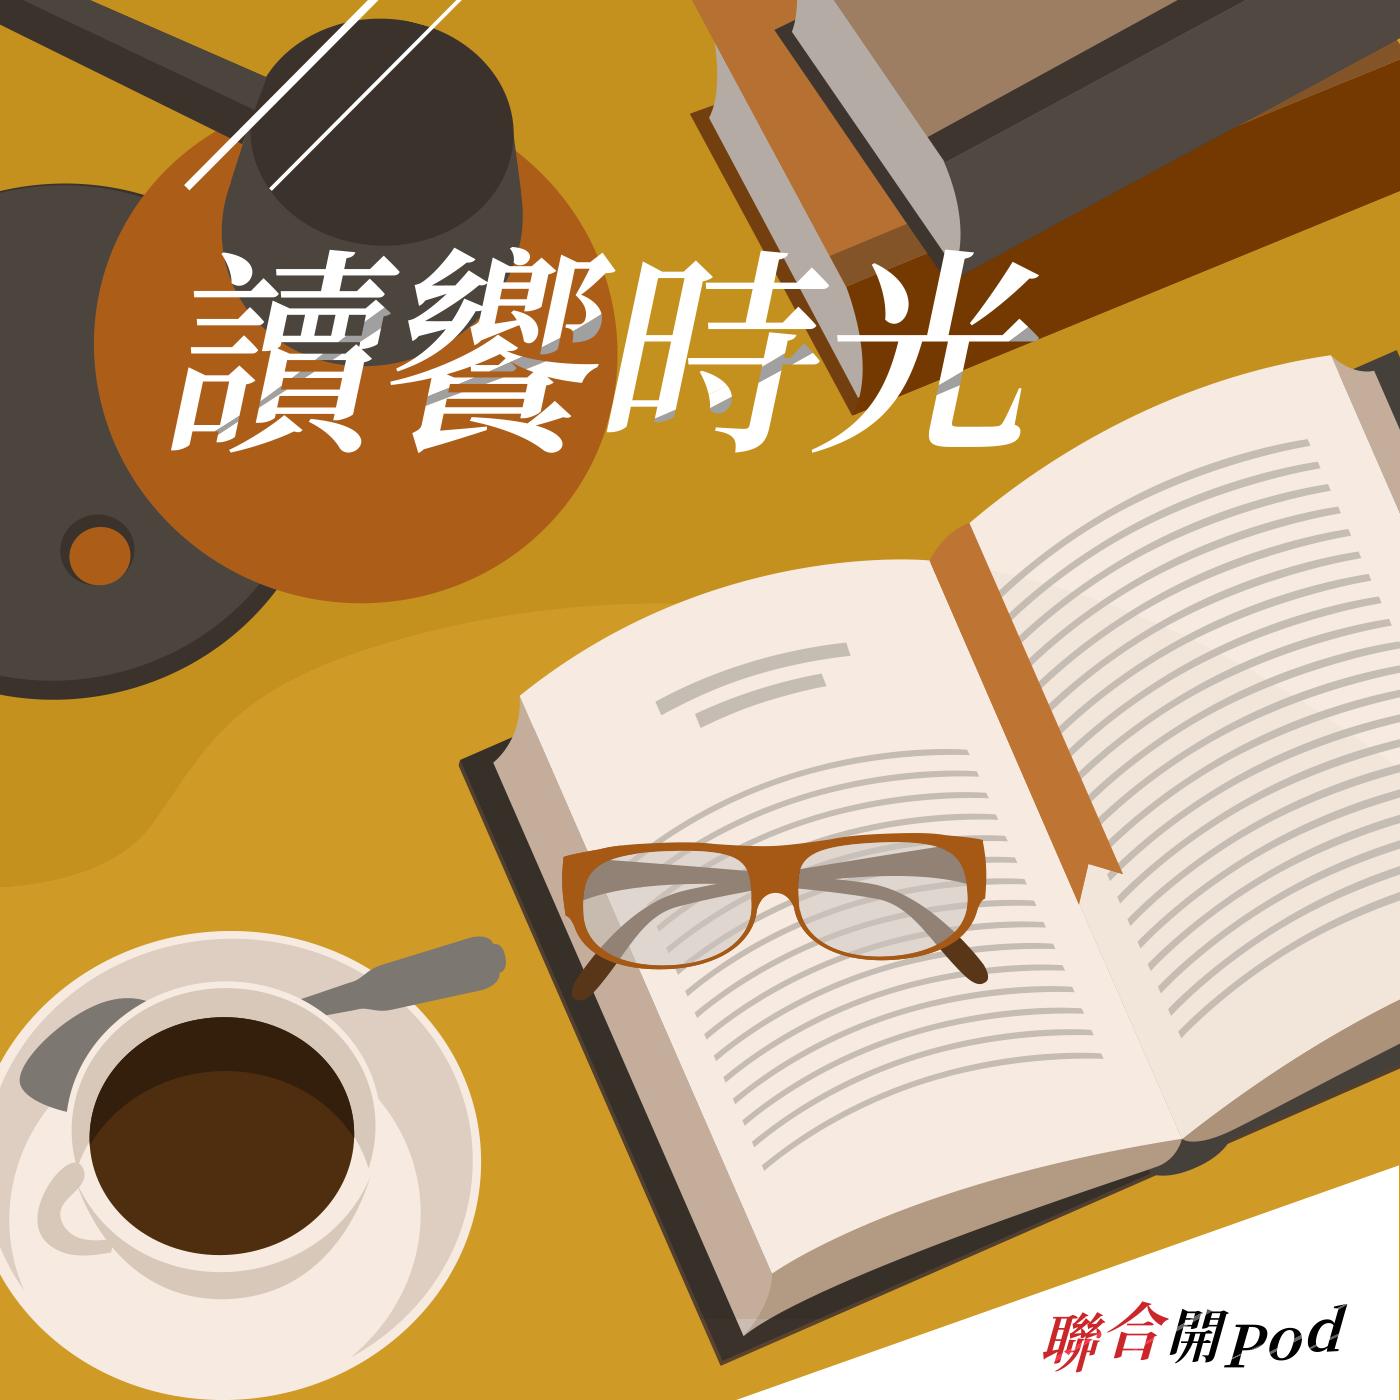 讀饗時光 EP2 讀懂米其林 你也是密探 ft. 高餐教授蔡倩玟